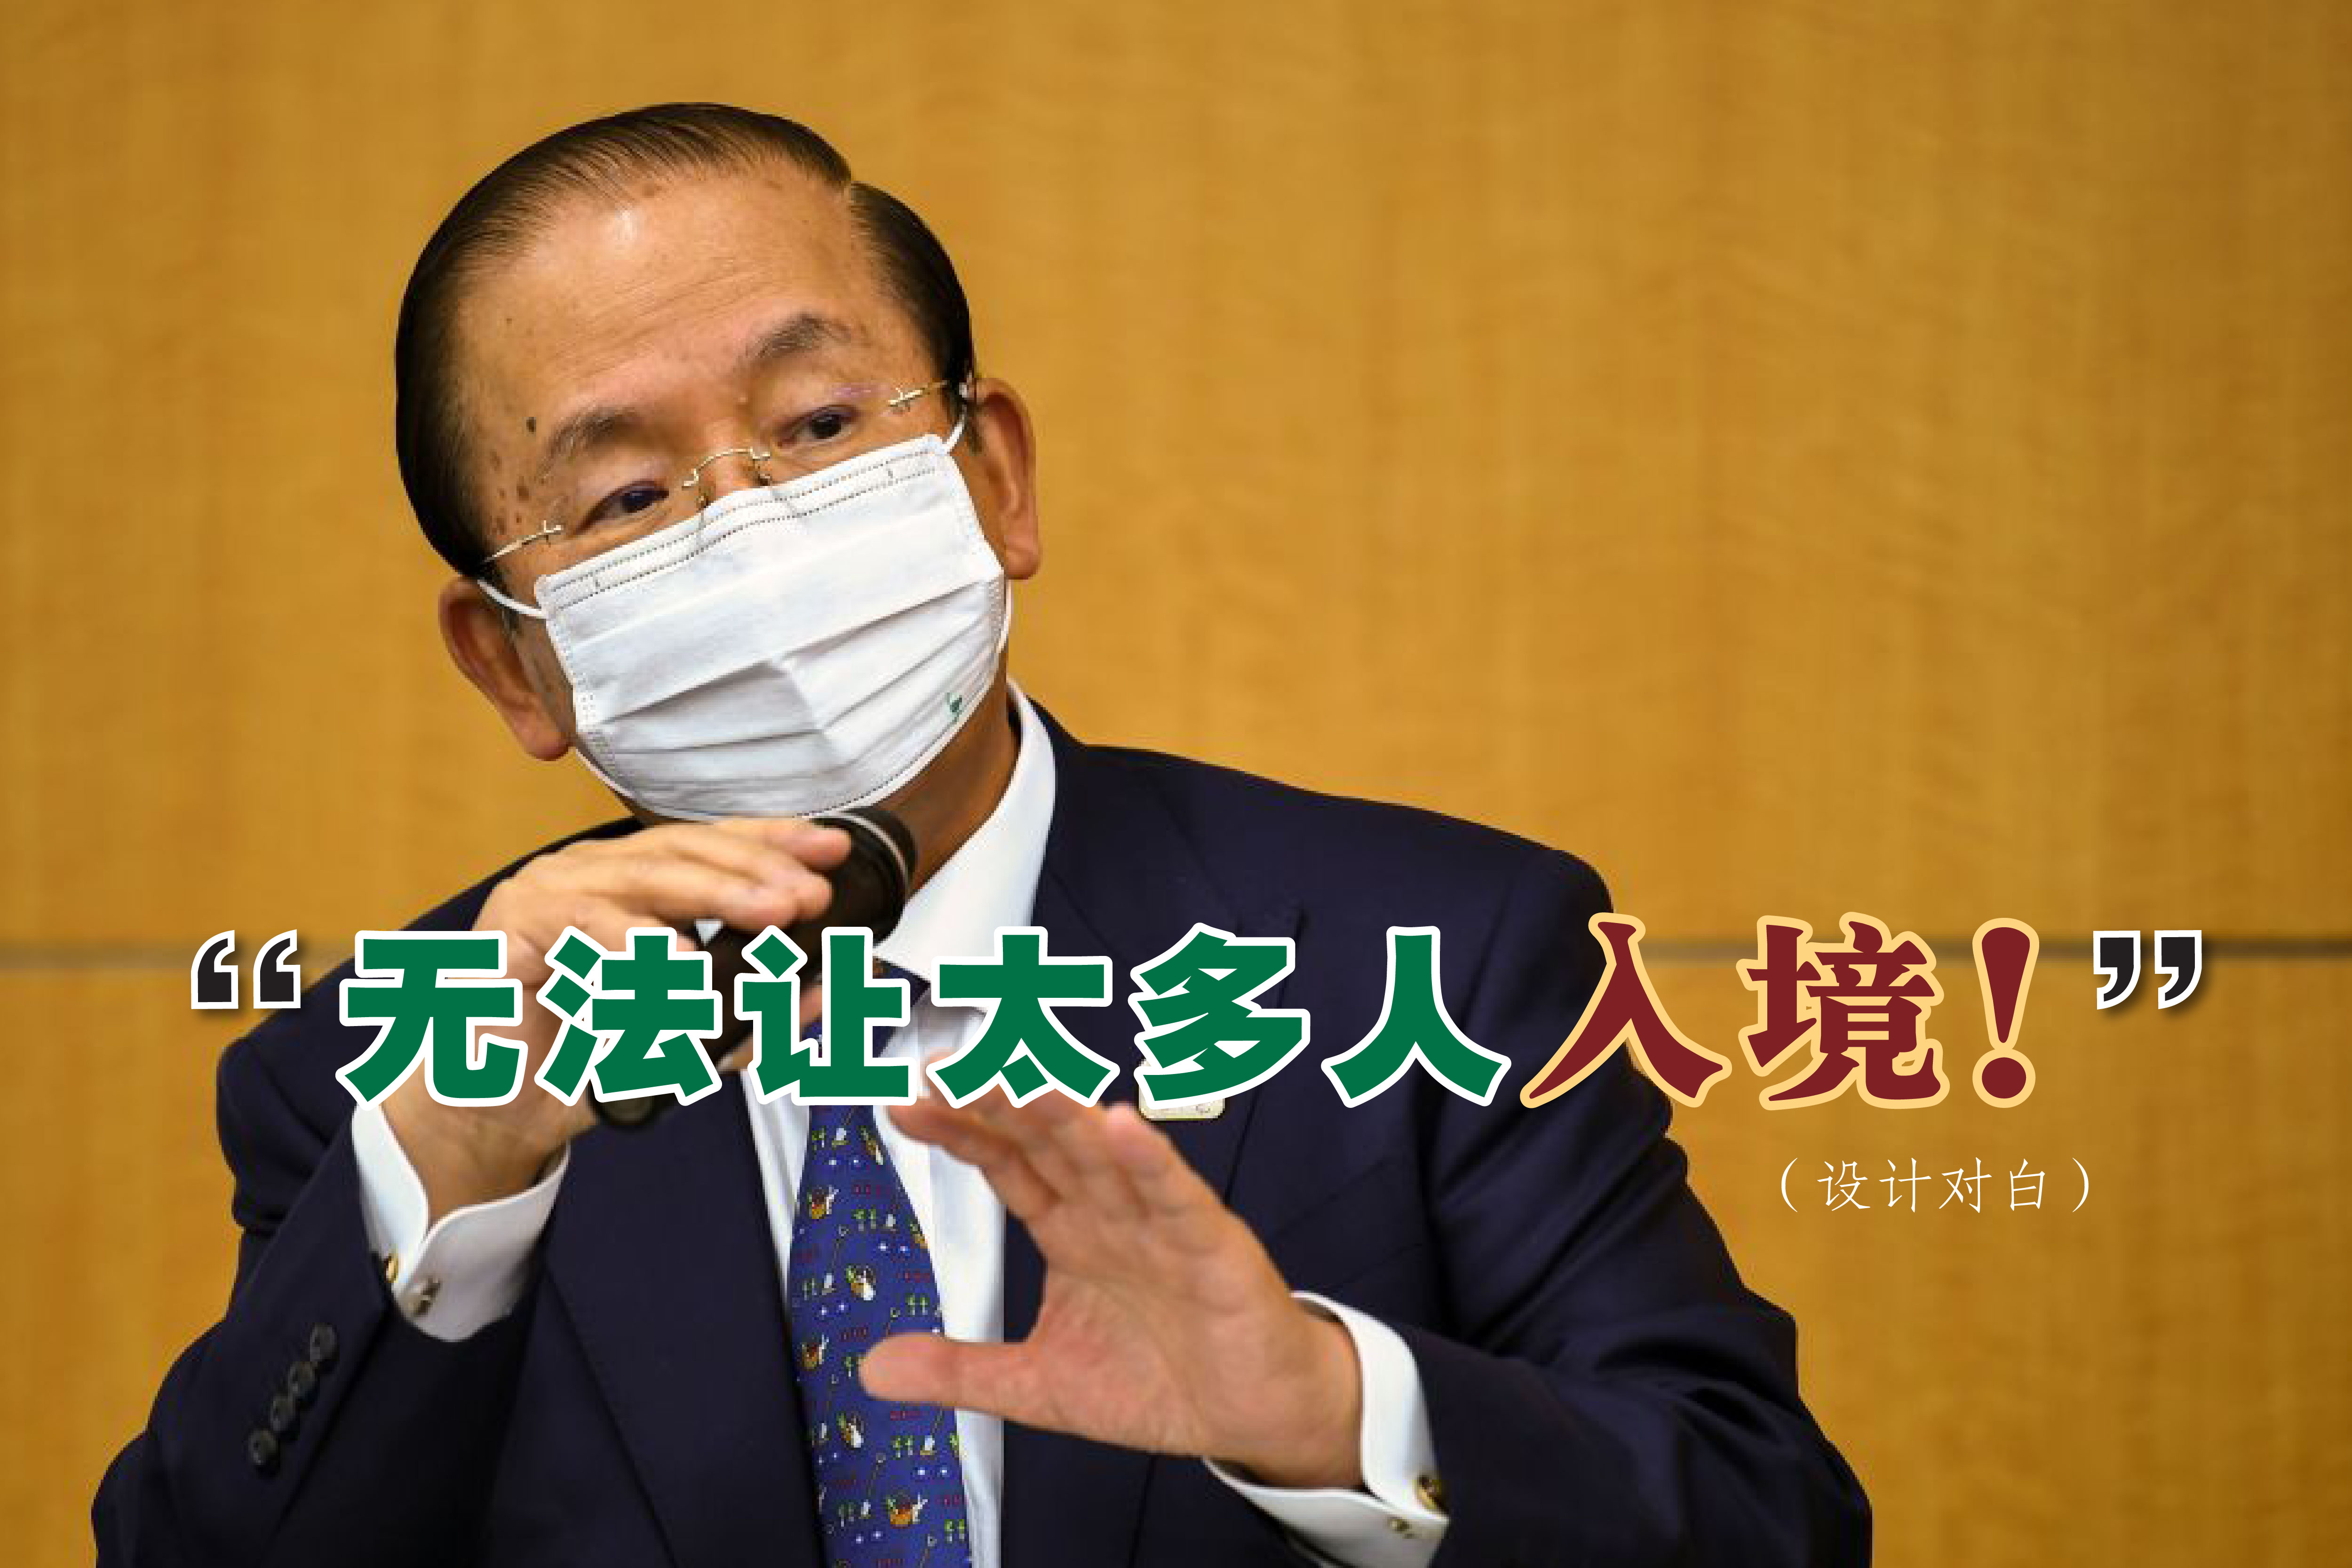 东京奥组委首席执行官武藤敏郎(Toshiro Muto)表示,为了防疫着想,本届赛会基本不会让太多外国自愿者入境。-路透社/精彩大马制图-